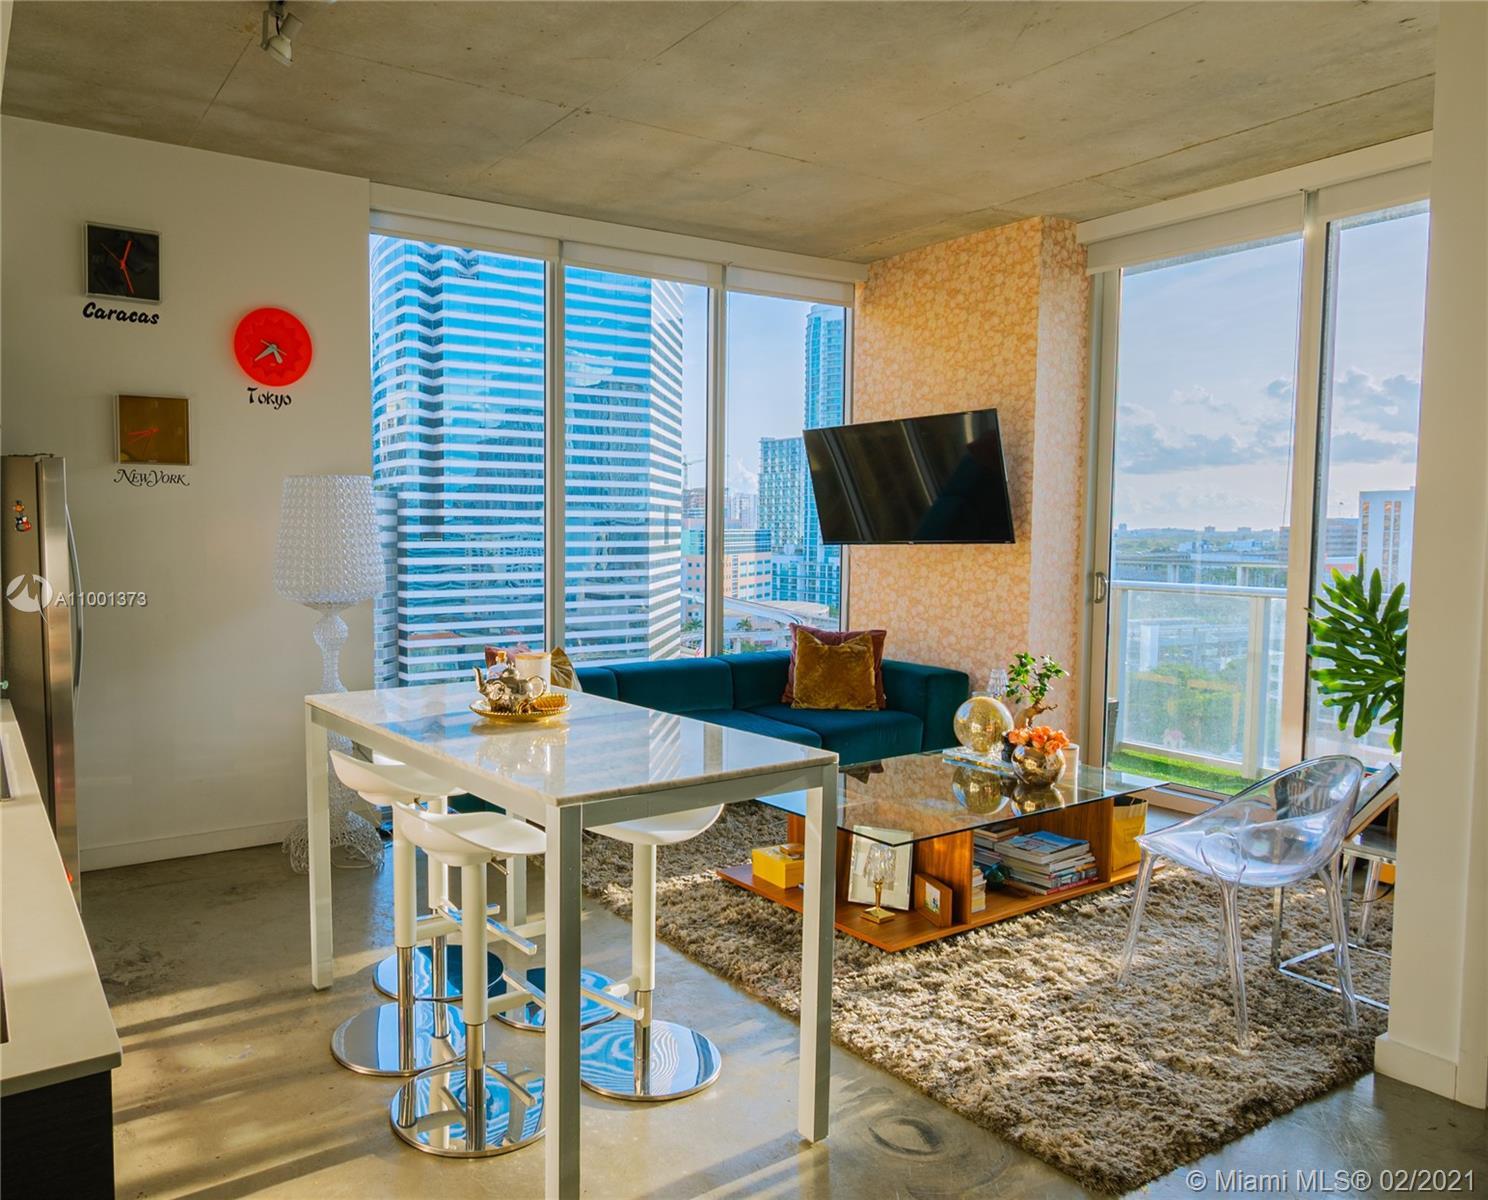 Centro #1811 - 151 SE 1st St #1811, Miami, FL 33131